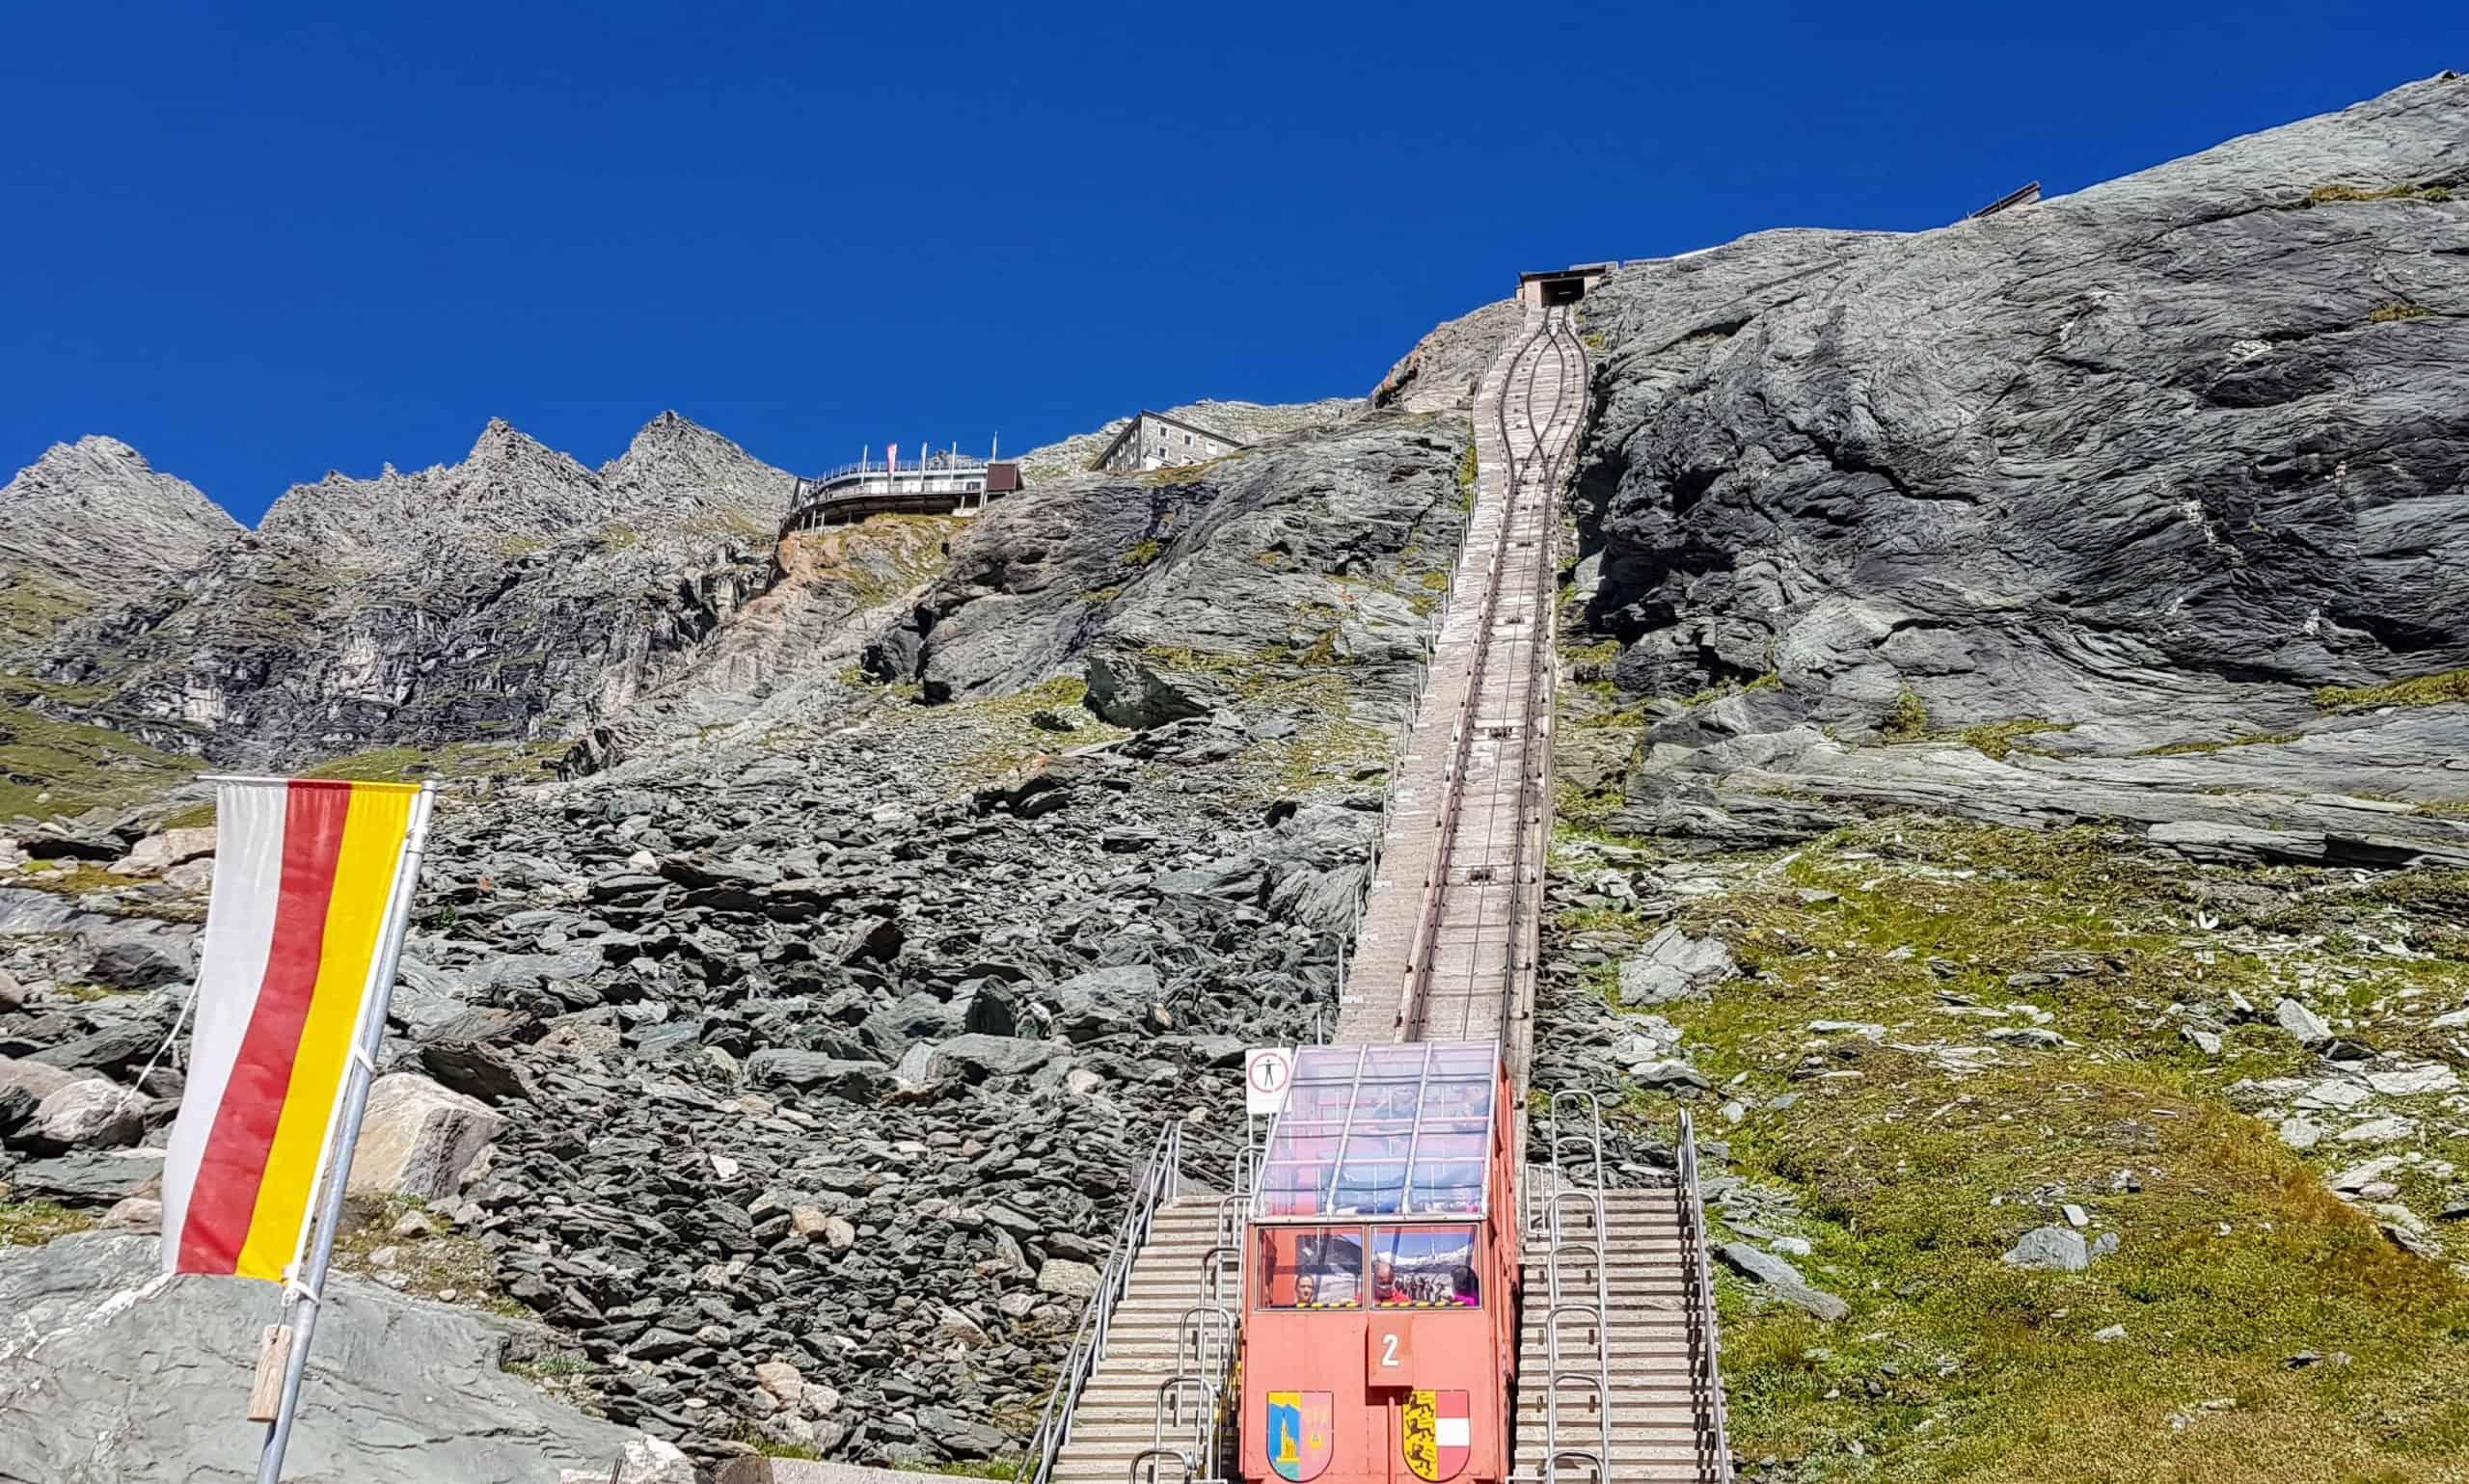 Historische Gletscherbahn auf Kaiser Franz Josefs Höhe - Attraktion und Aktivitäten entlang der Großglockner Hochalpenstraße in Österreich